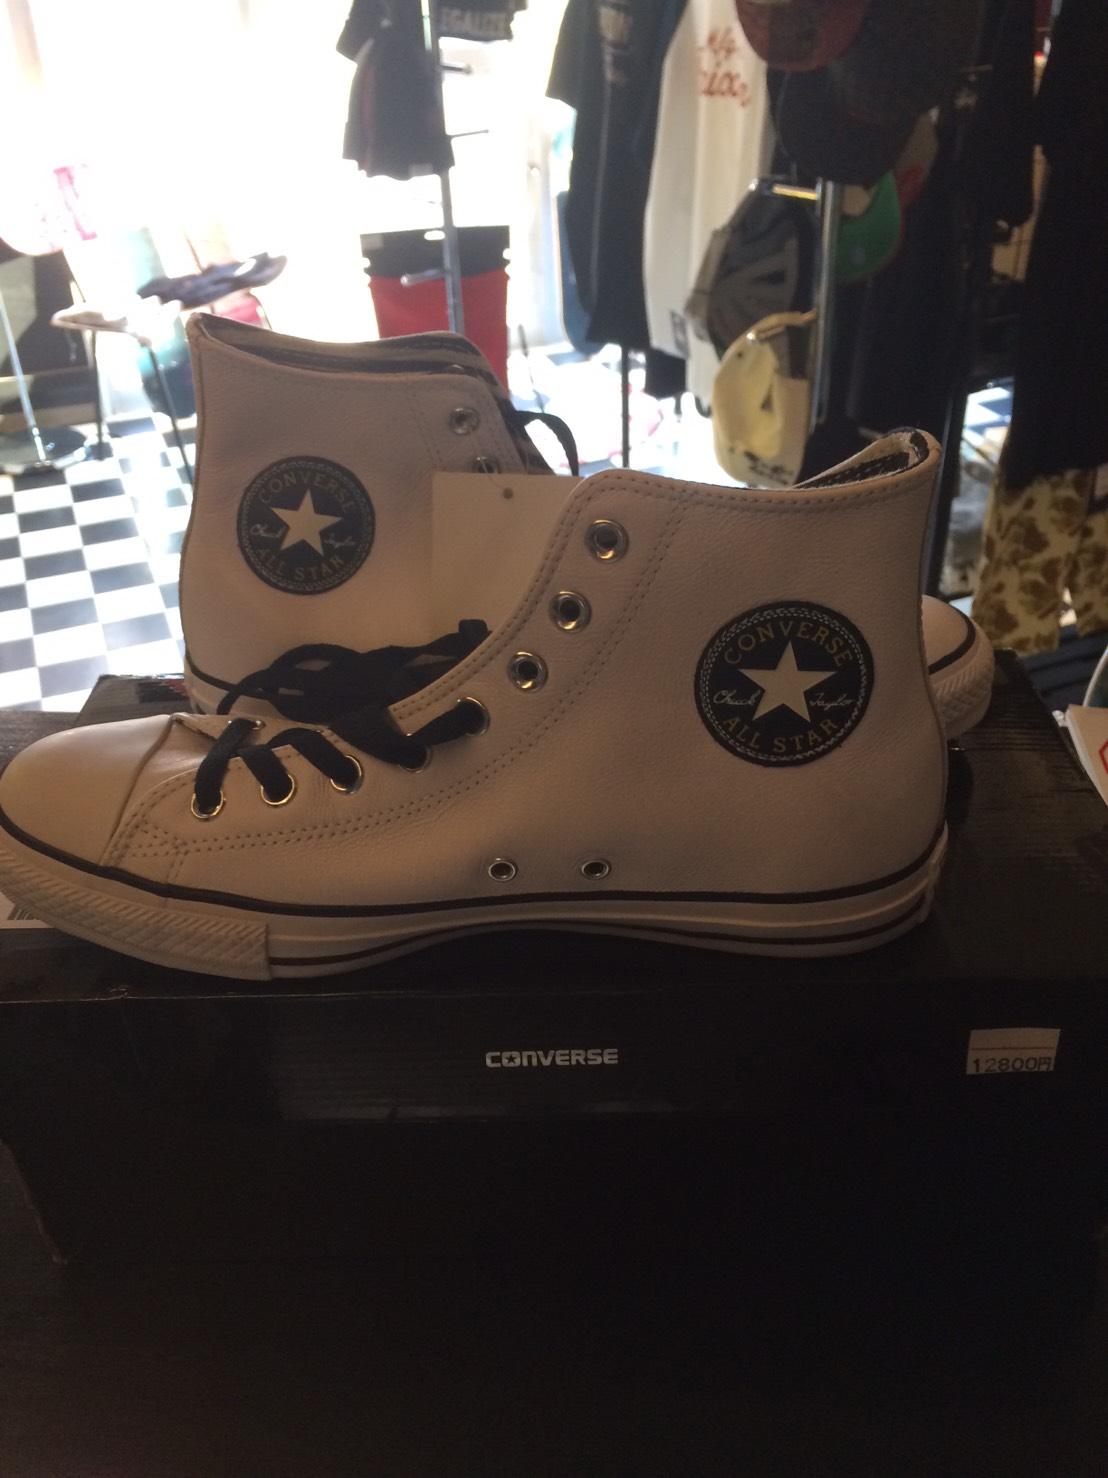 converse_shoes02